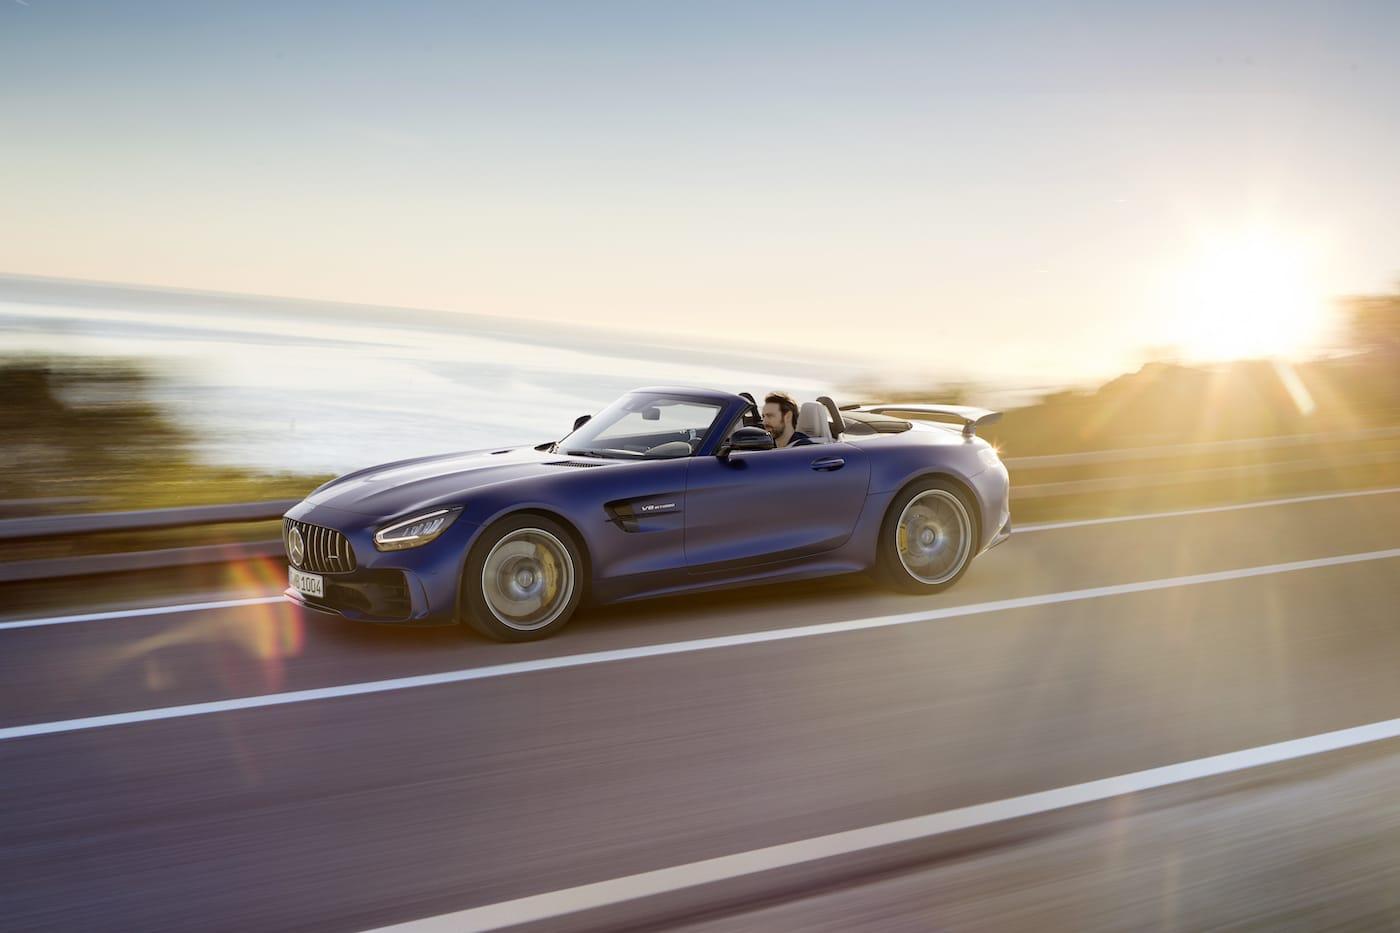 Schöner geht es nicht: Mercedes-Benz präsentiert den AMG GT R Roadster 1